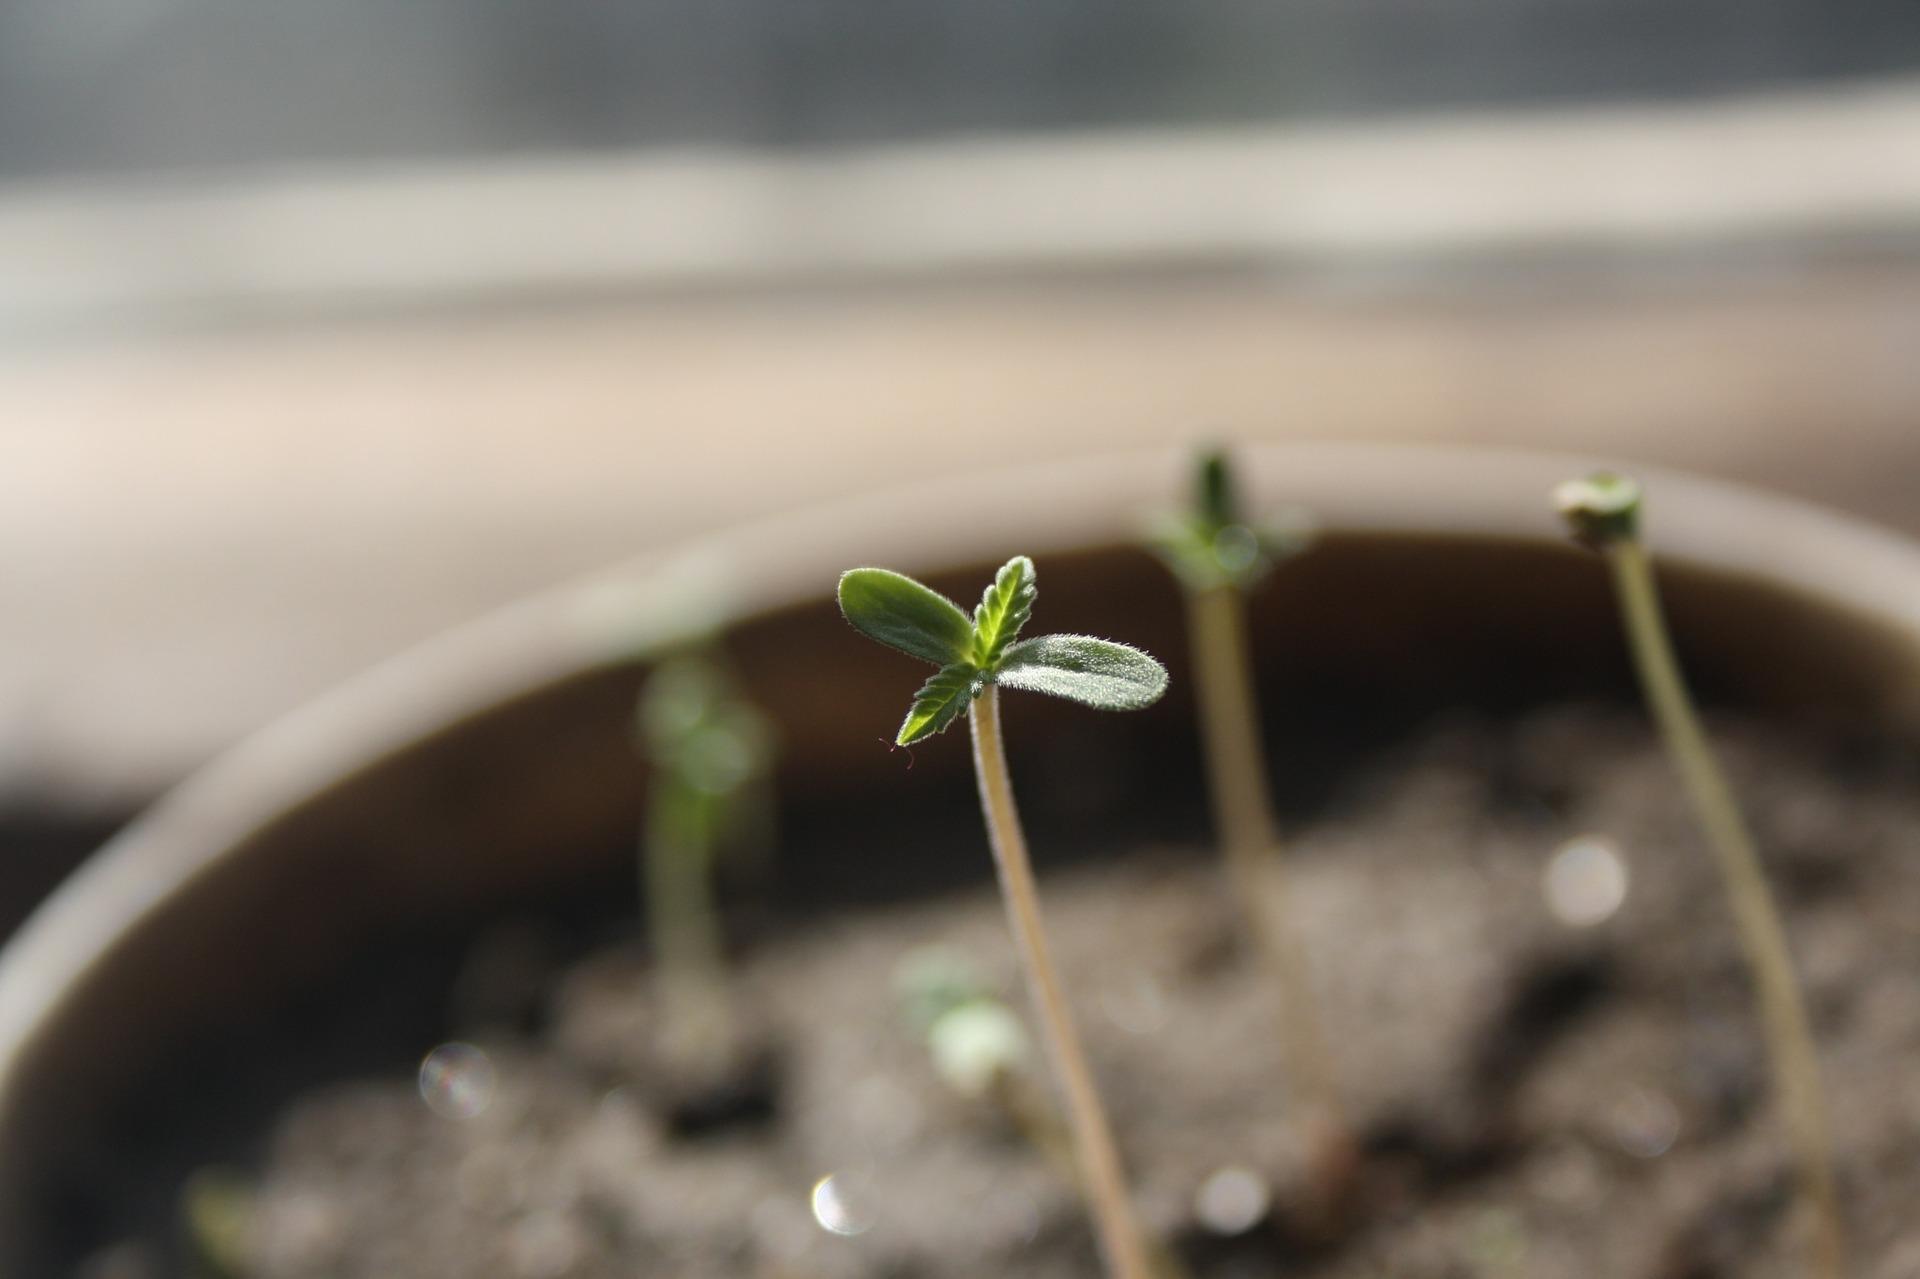 Pěstování konopí: Jak naklíčit semena marihuany